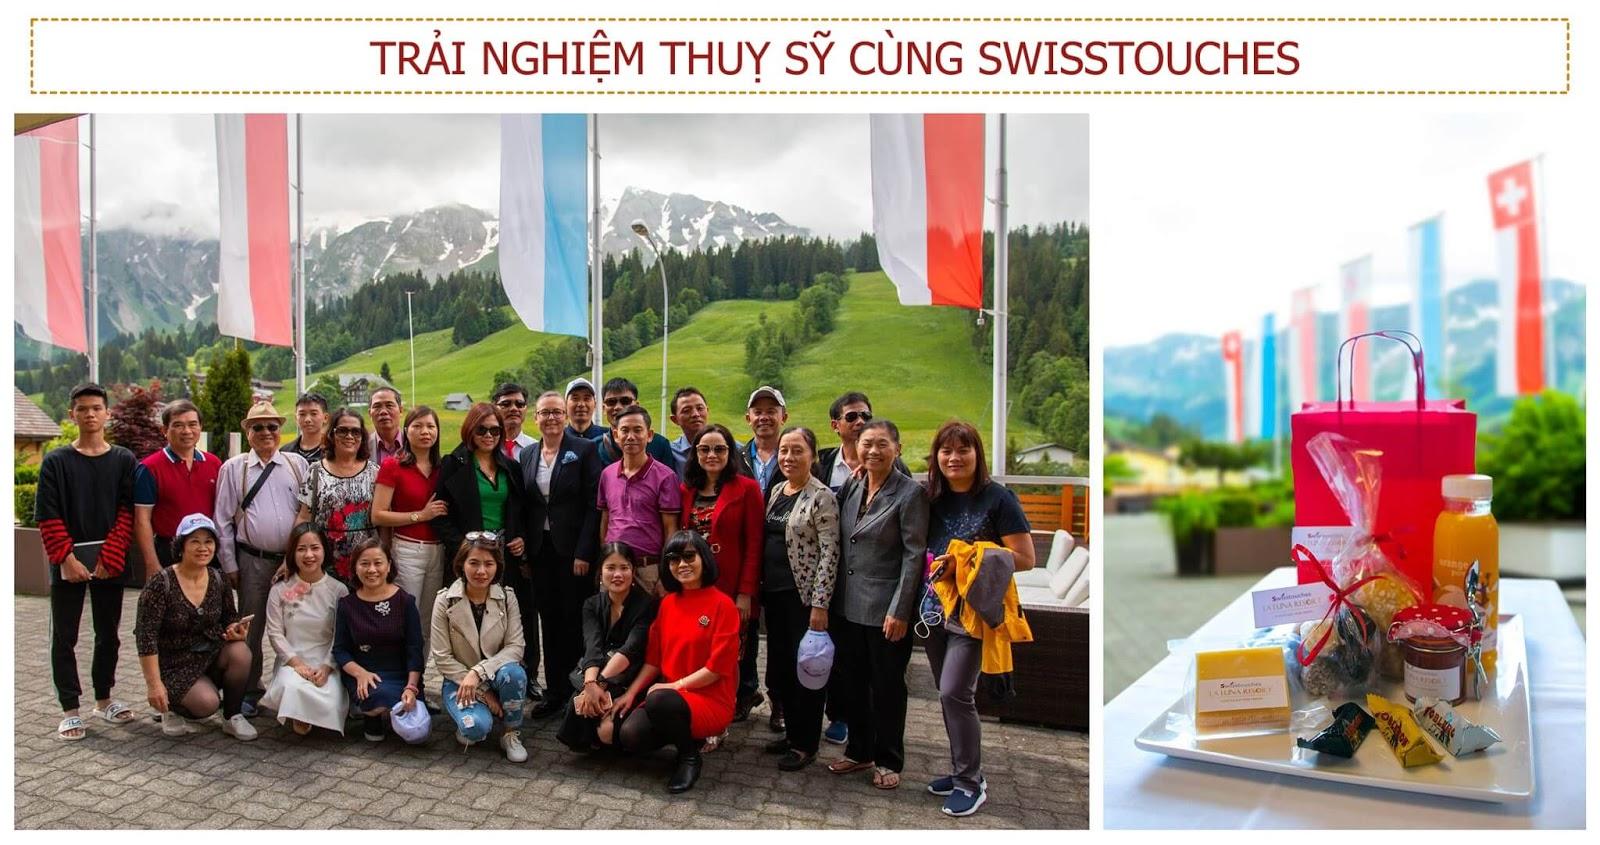 Trải nghiệm đất nước Thuỵ Sỹ cùng Swisstouches La Luna